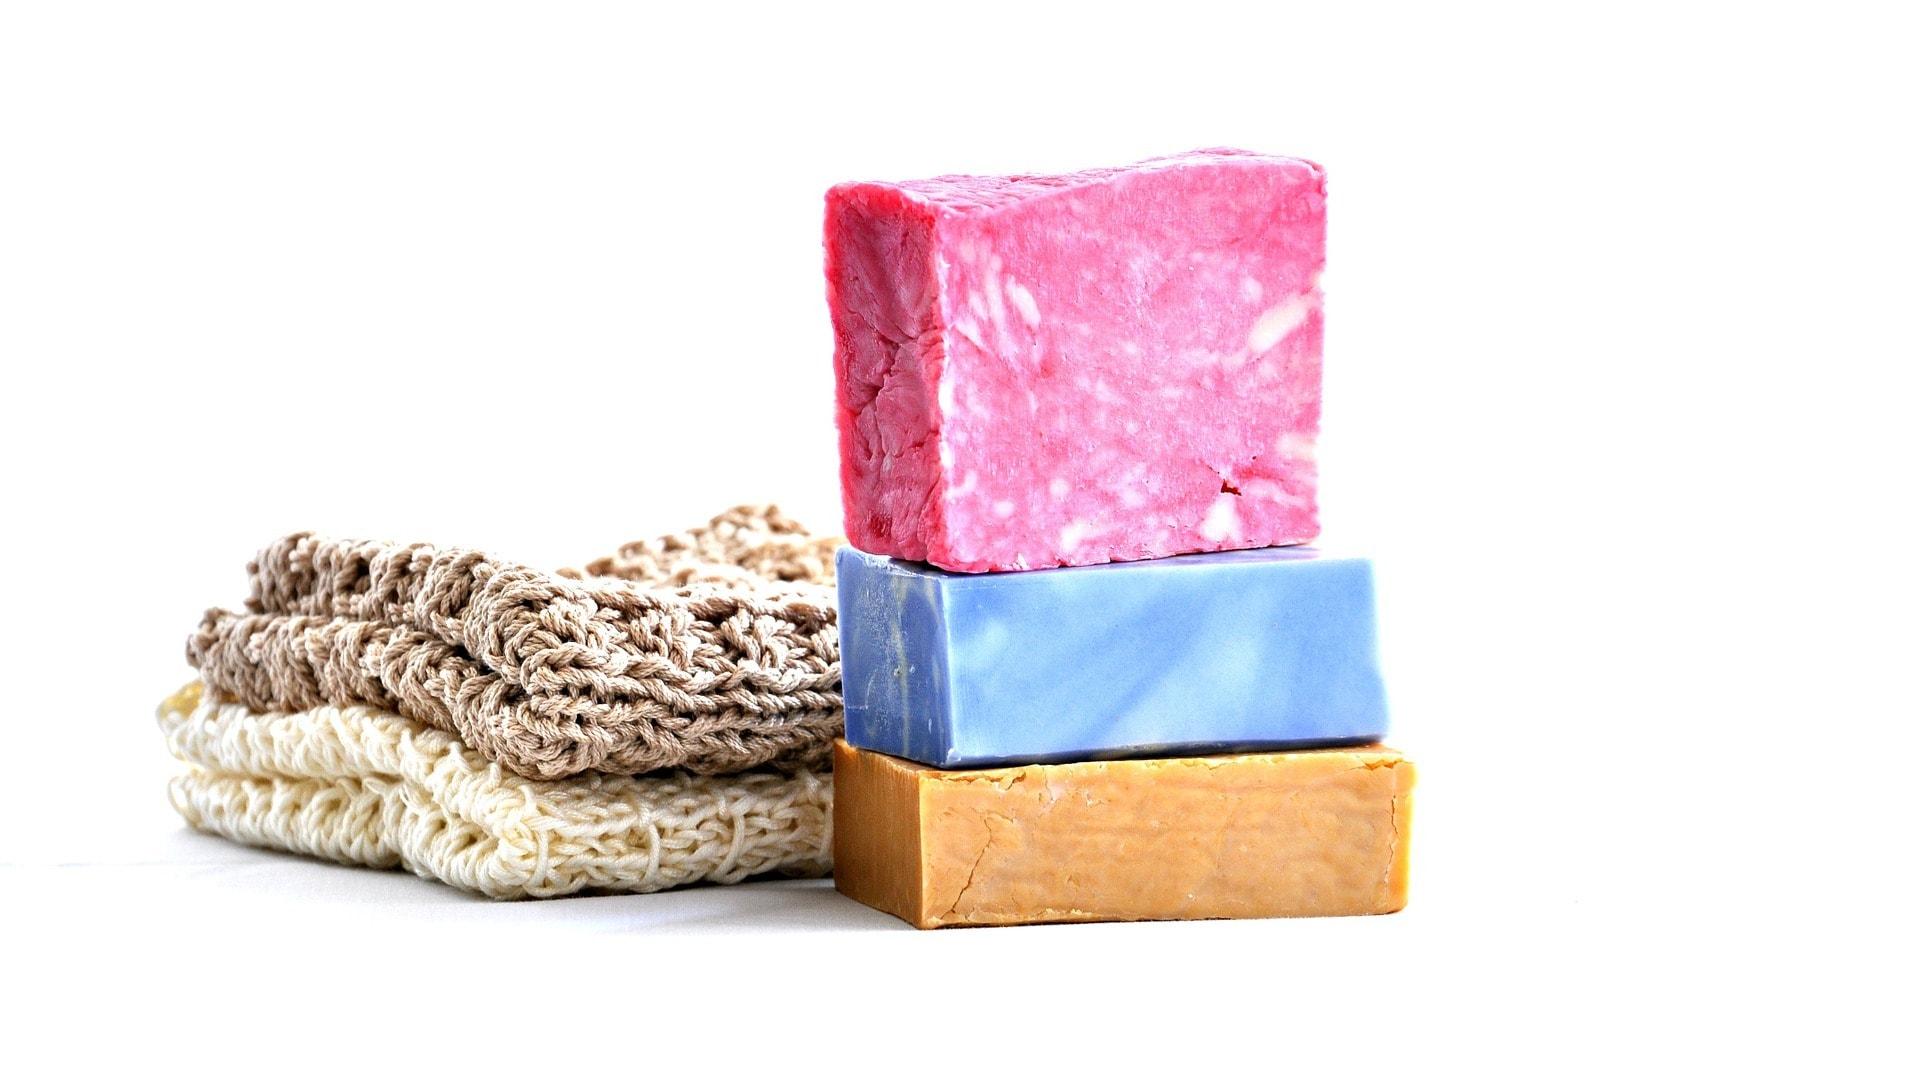 Seife und Seifensäckchen im nachhaltigen Badezimmer